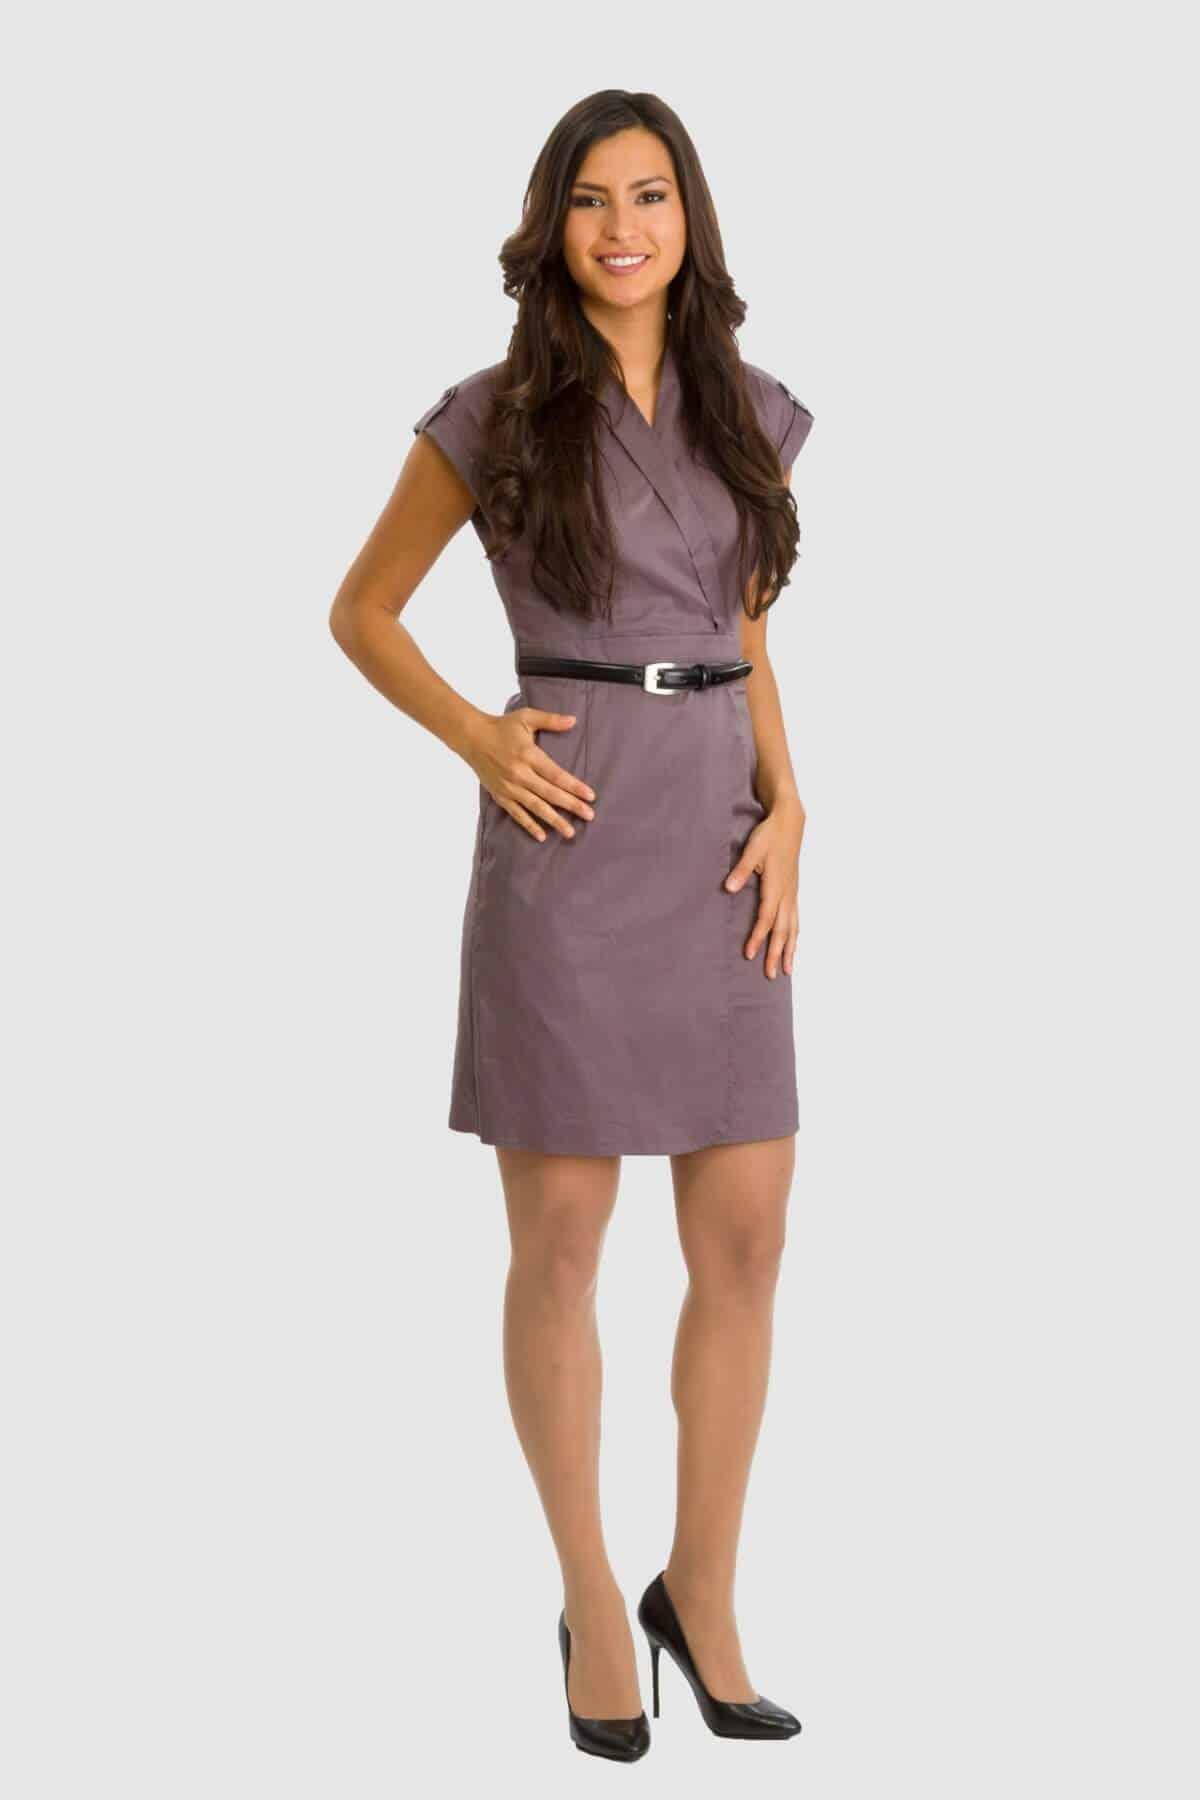 Esprit auberginefarbenes Kleid mit Gürtel